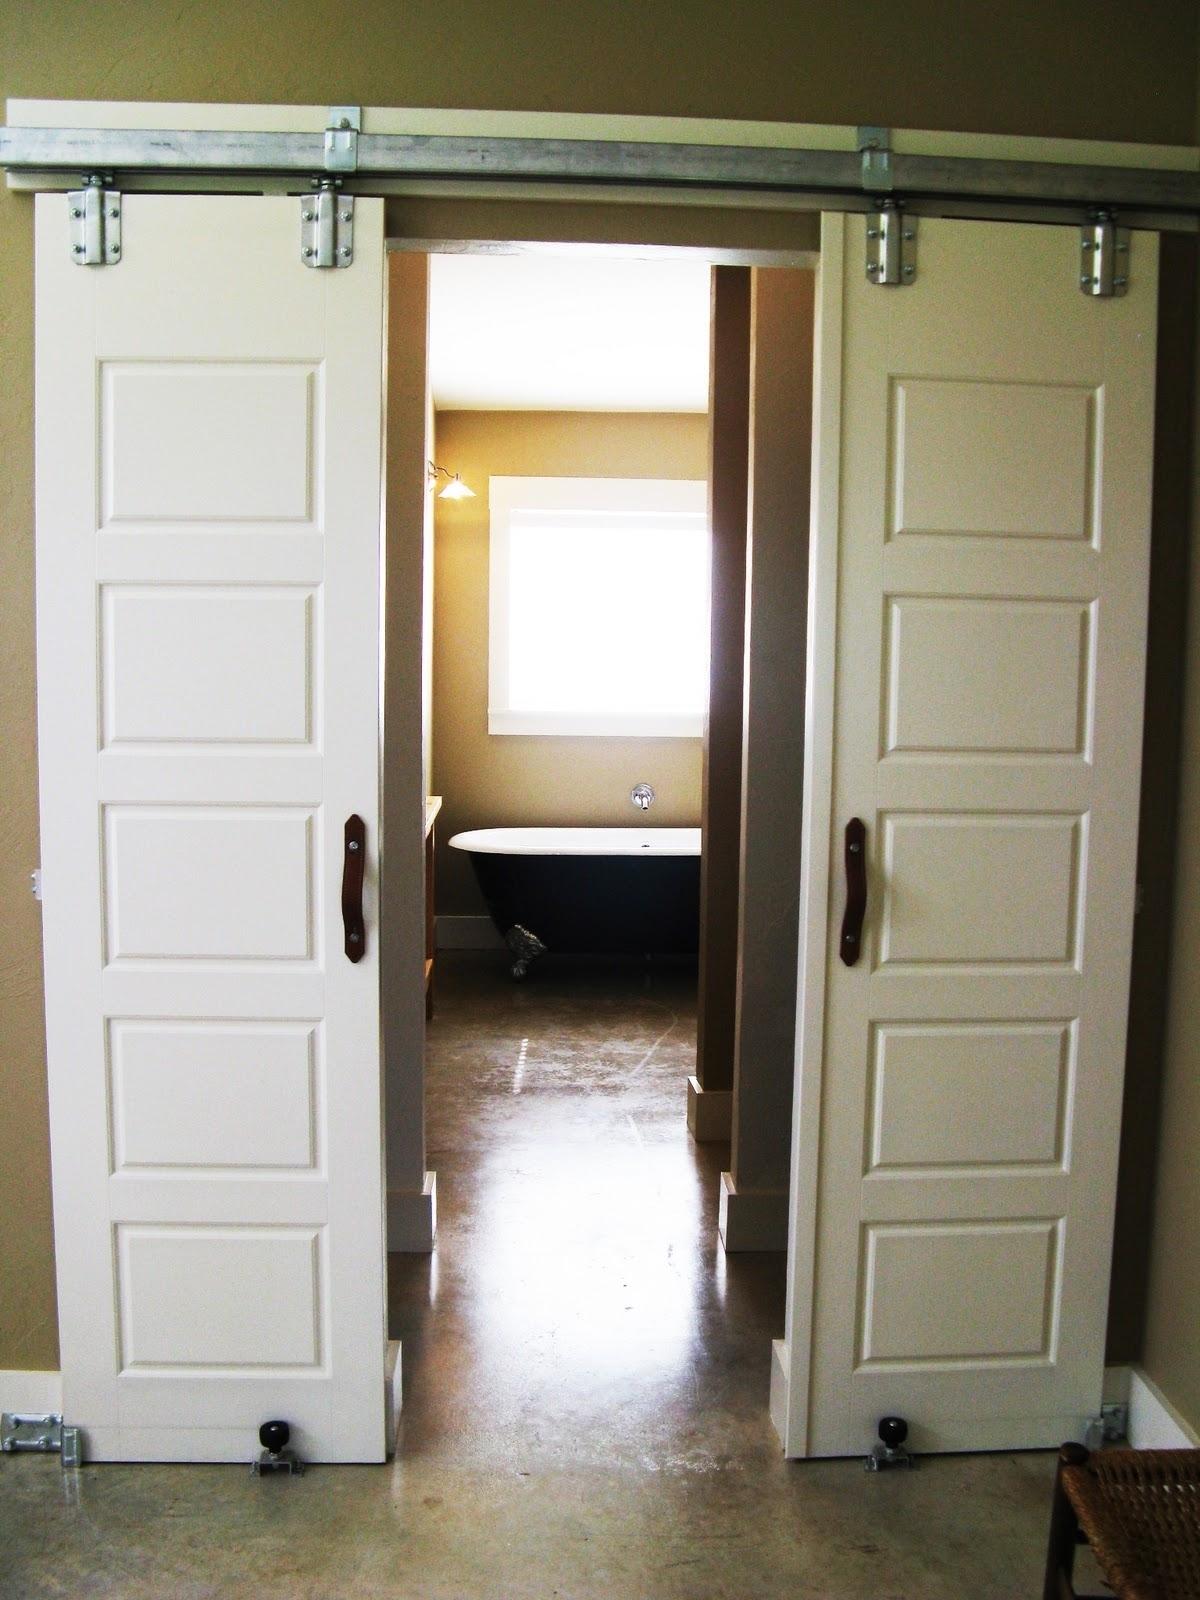 Closet Sliding Doors Rona1200 X 1600